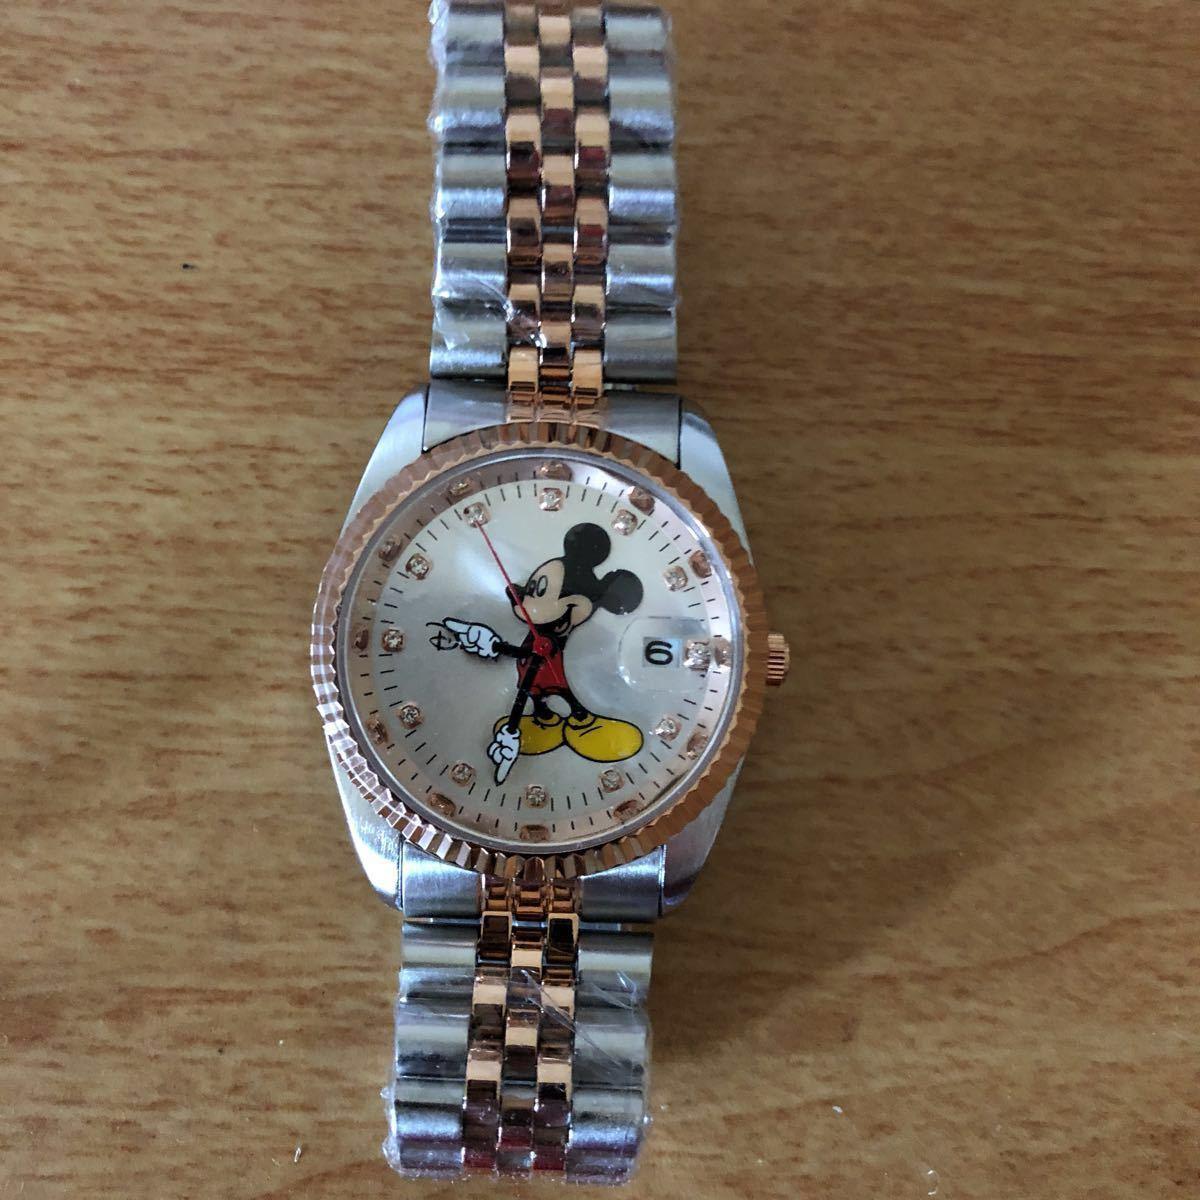 超プレミアム 世界限定モデル ミッキーマウス ダイヤモンド13石 腕時計 ロレックスタイプ ブラック未使用品 豪華オマケ付き_画像5